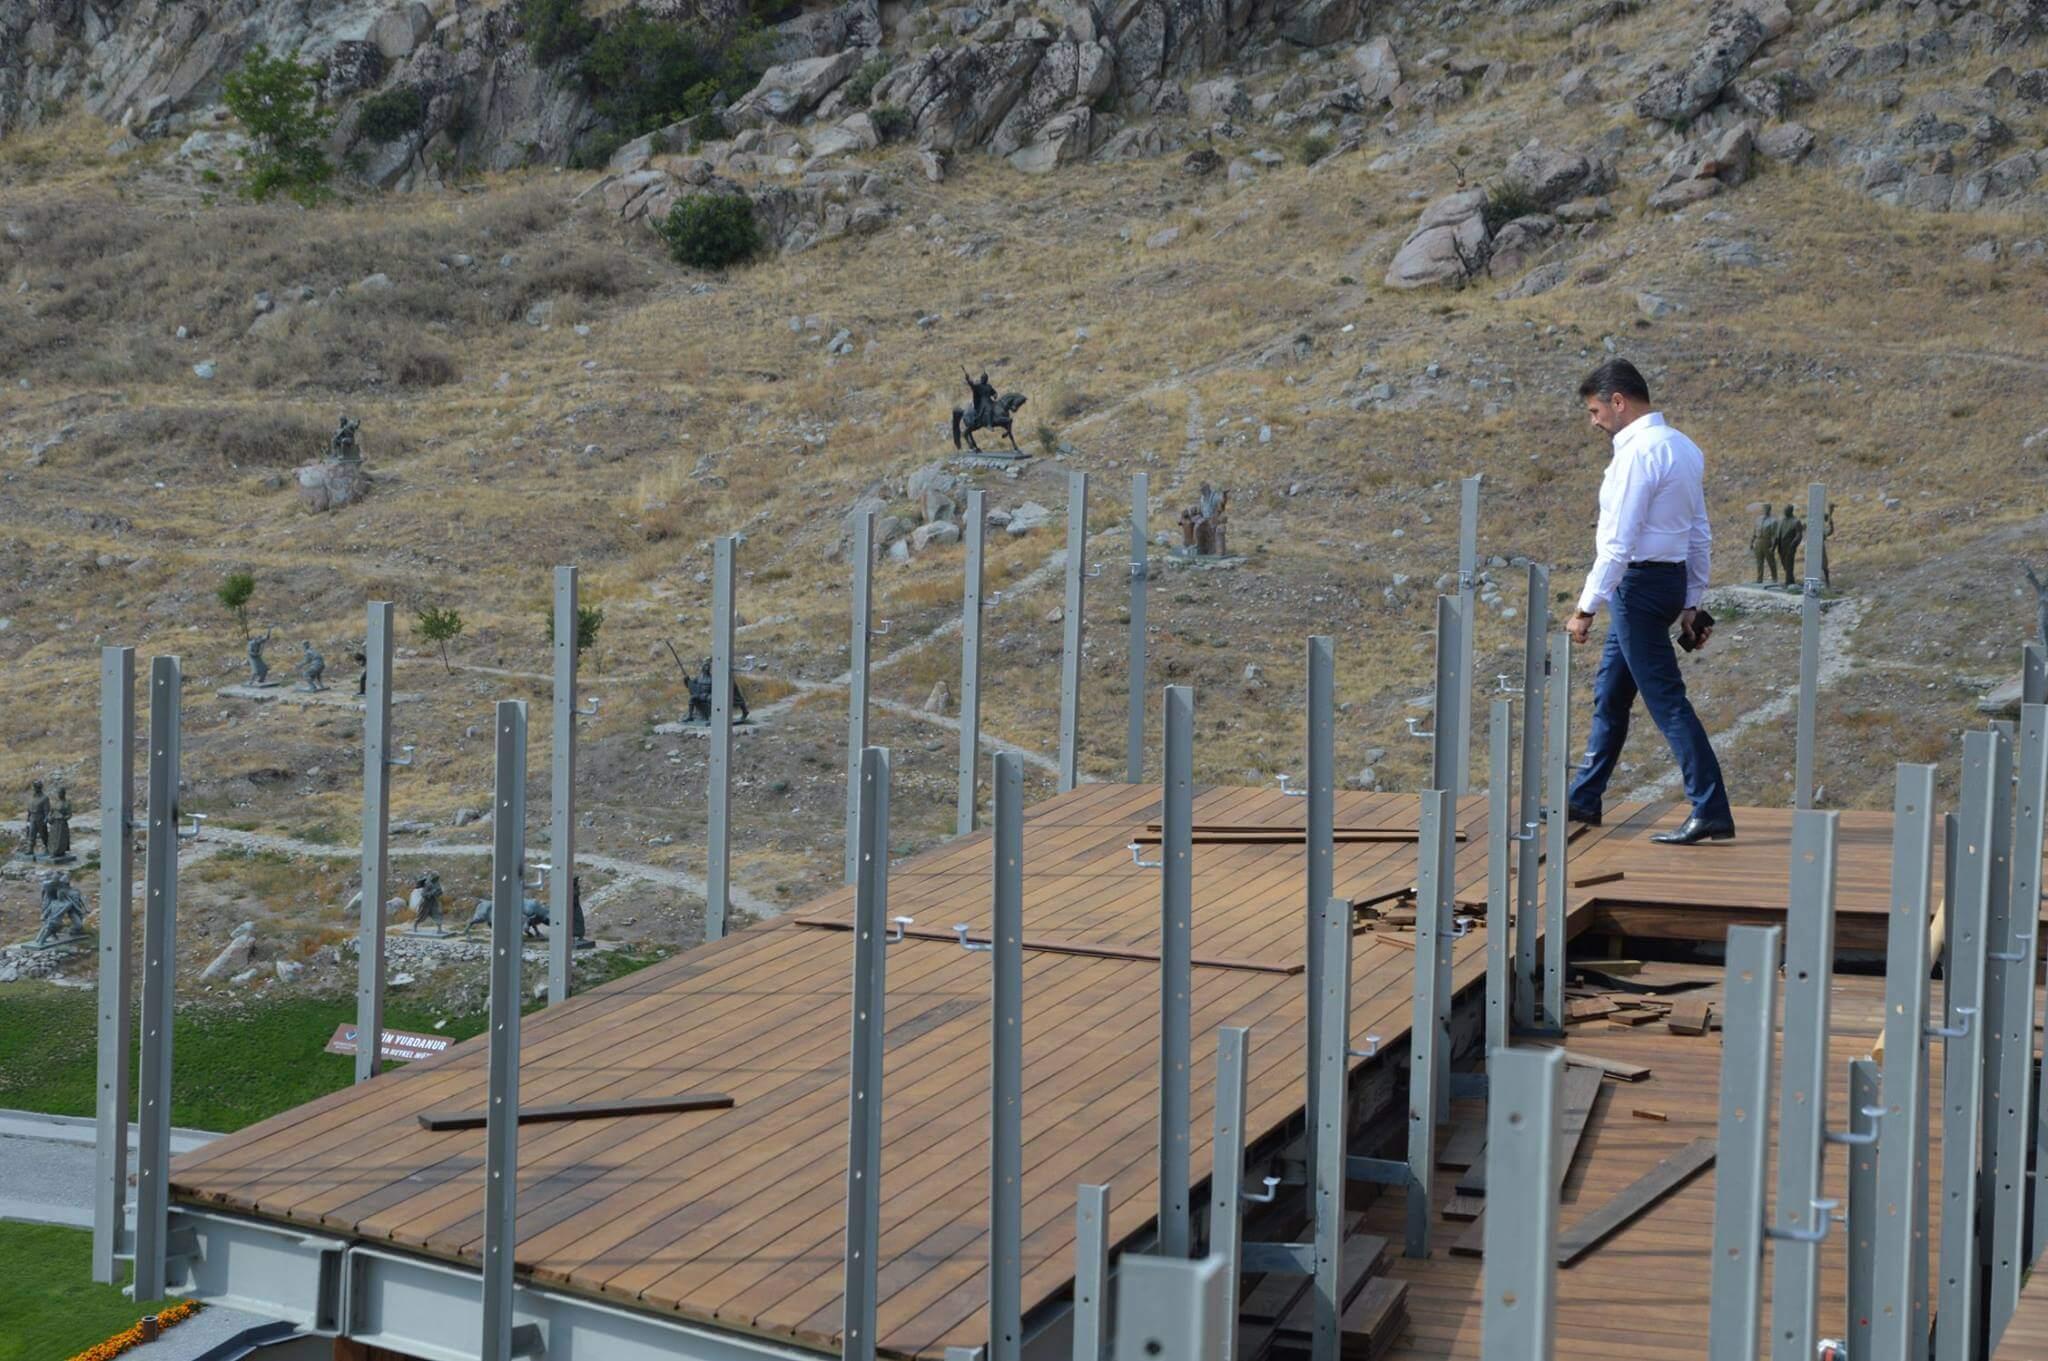 Sivrihisar'a Hizmet İçin Çalışmalar Aralıksız Devam Ediyor